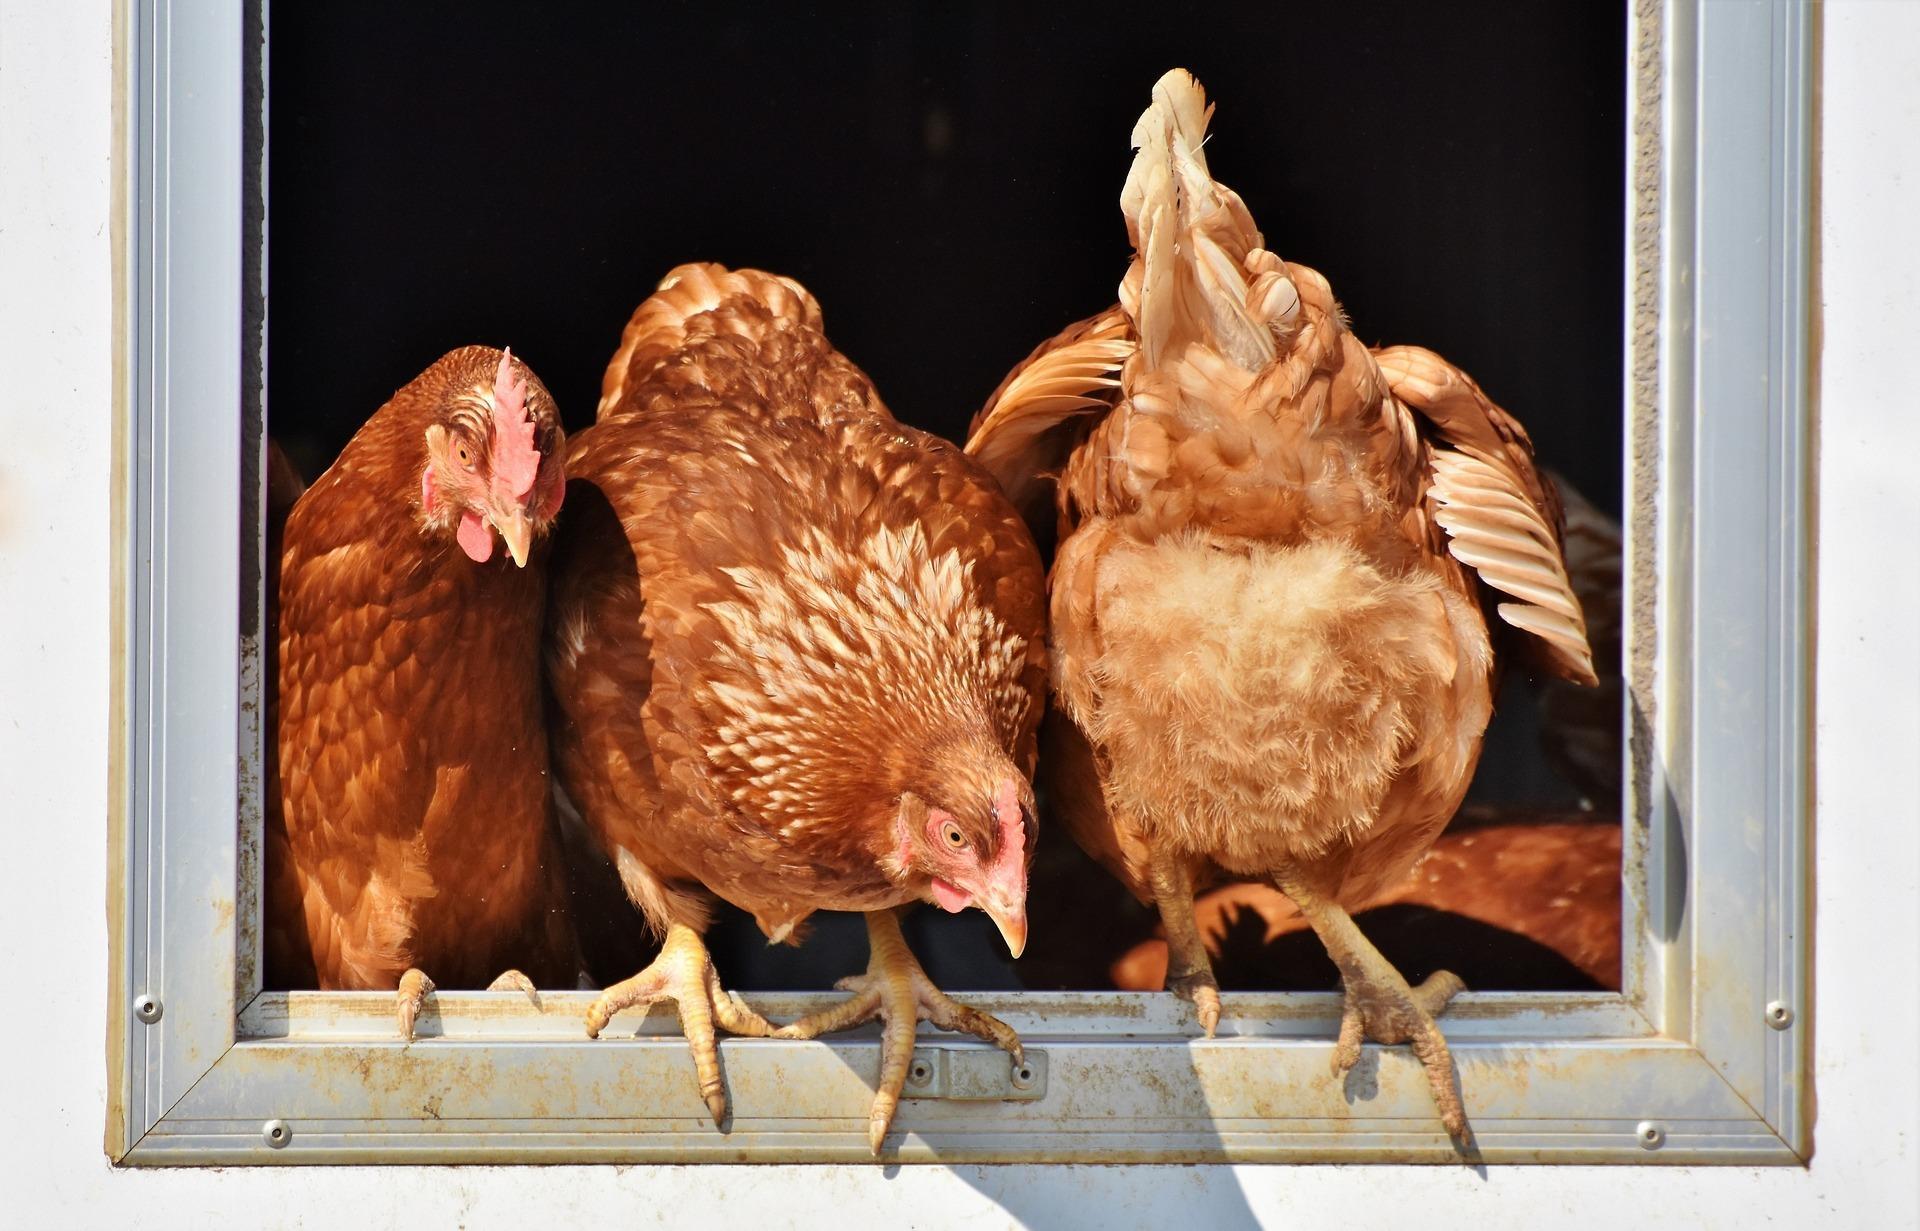 chicken-3662513_1920